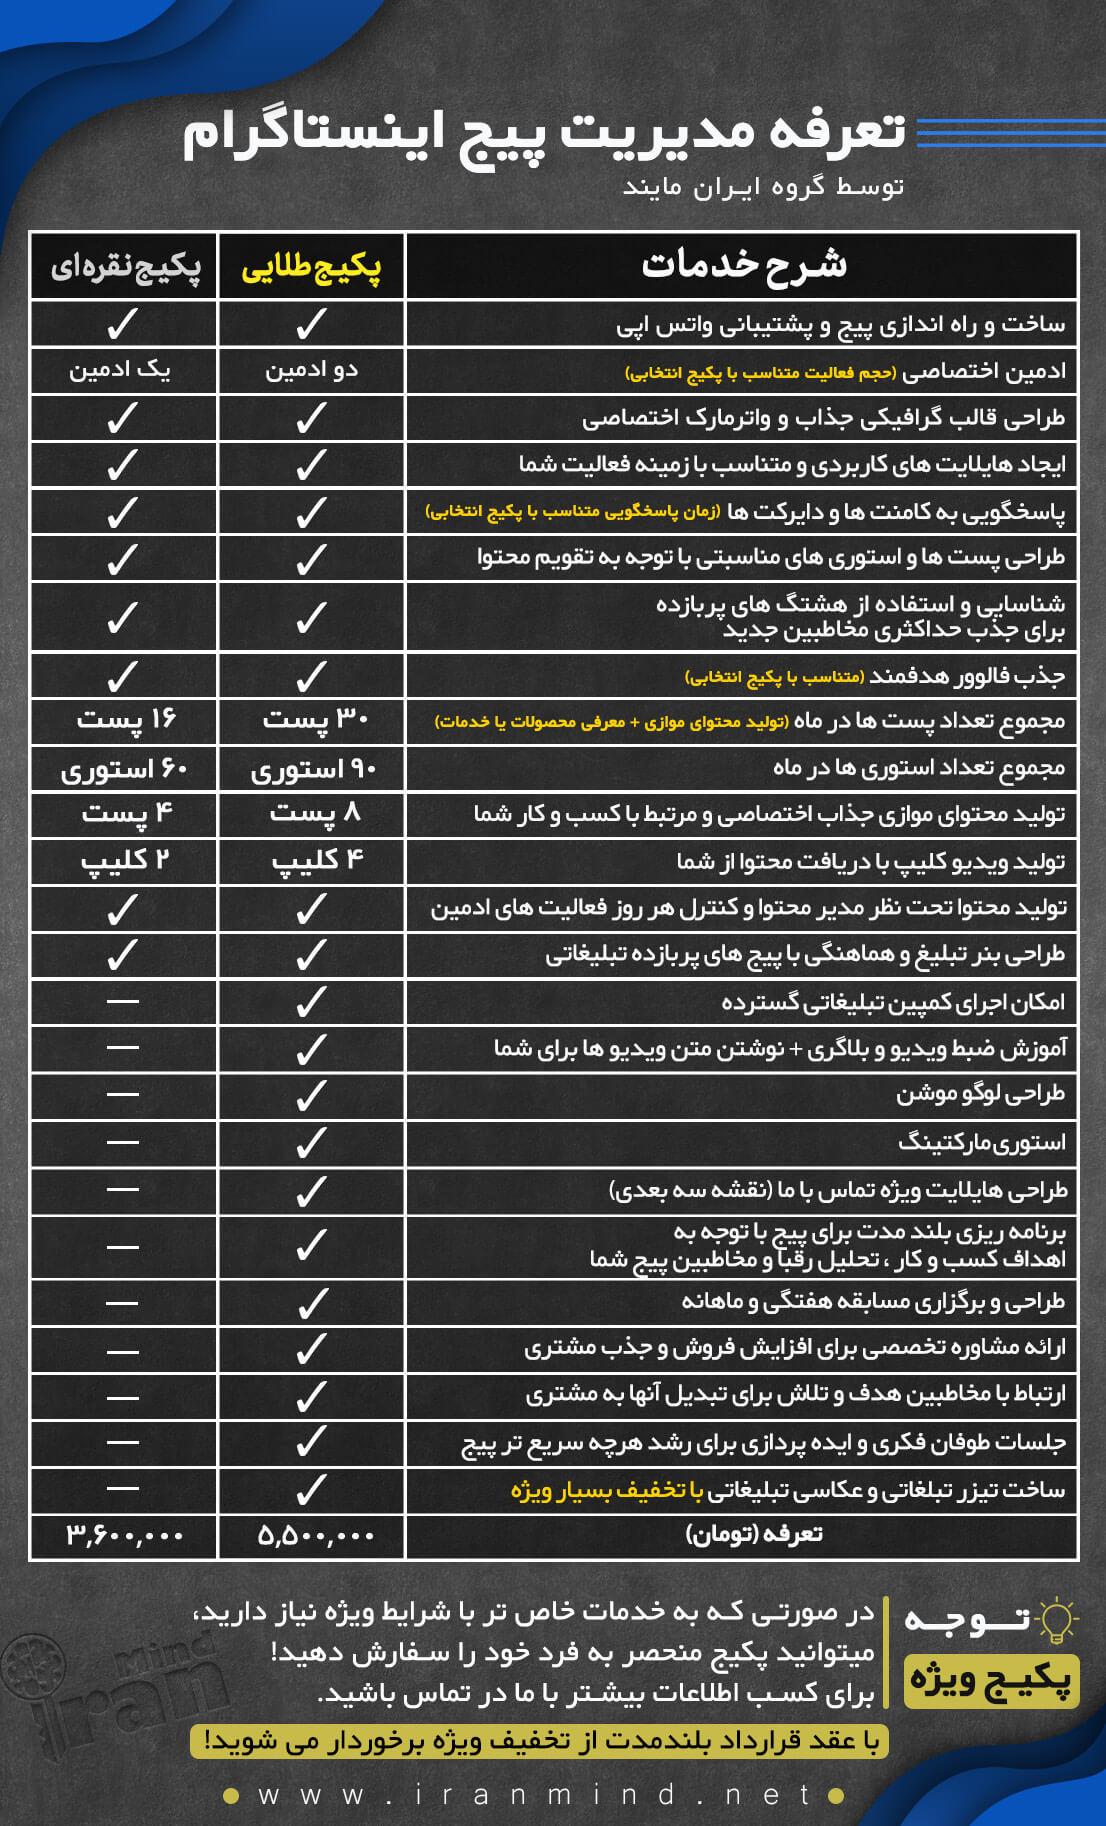 تعرفه مدیریت پیج اینستاگرام توسط ادمین اینستاگرام-ایران مایند